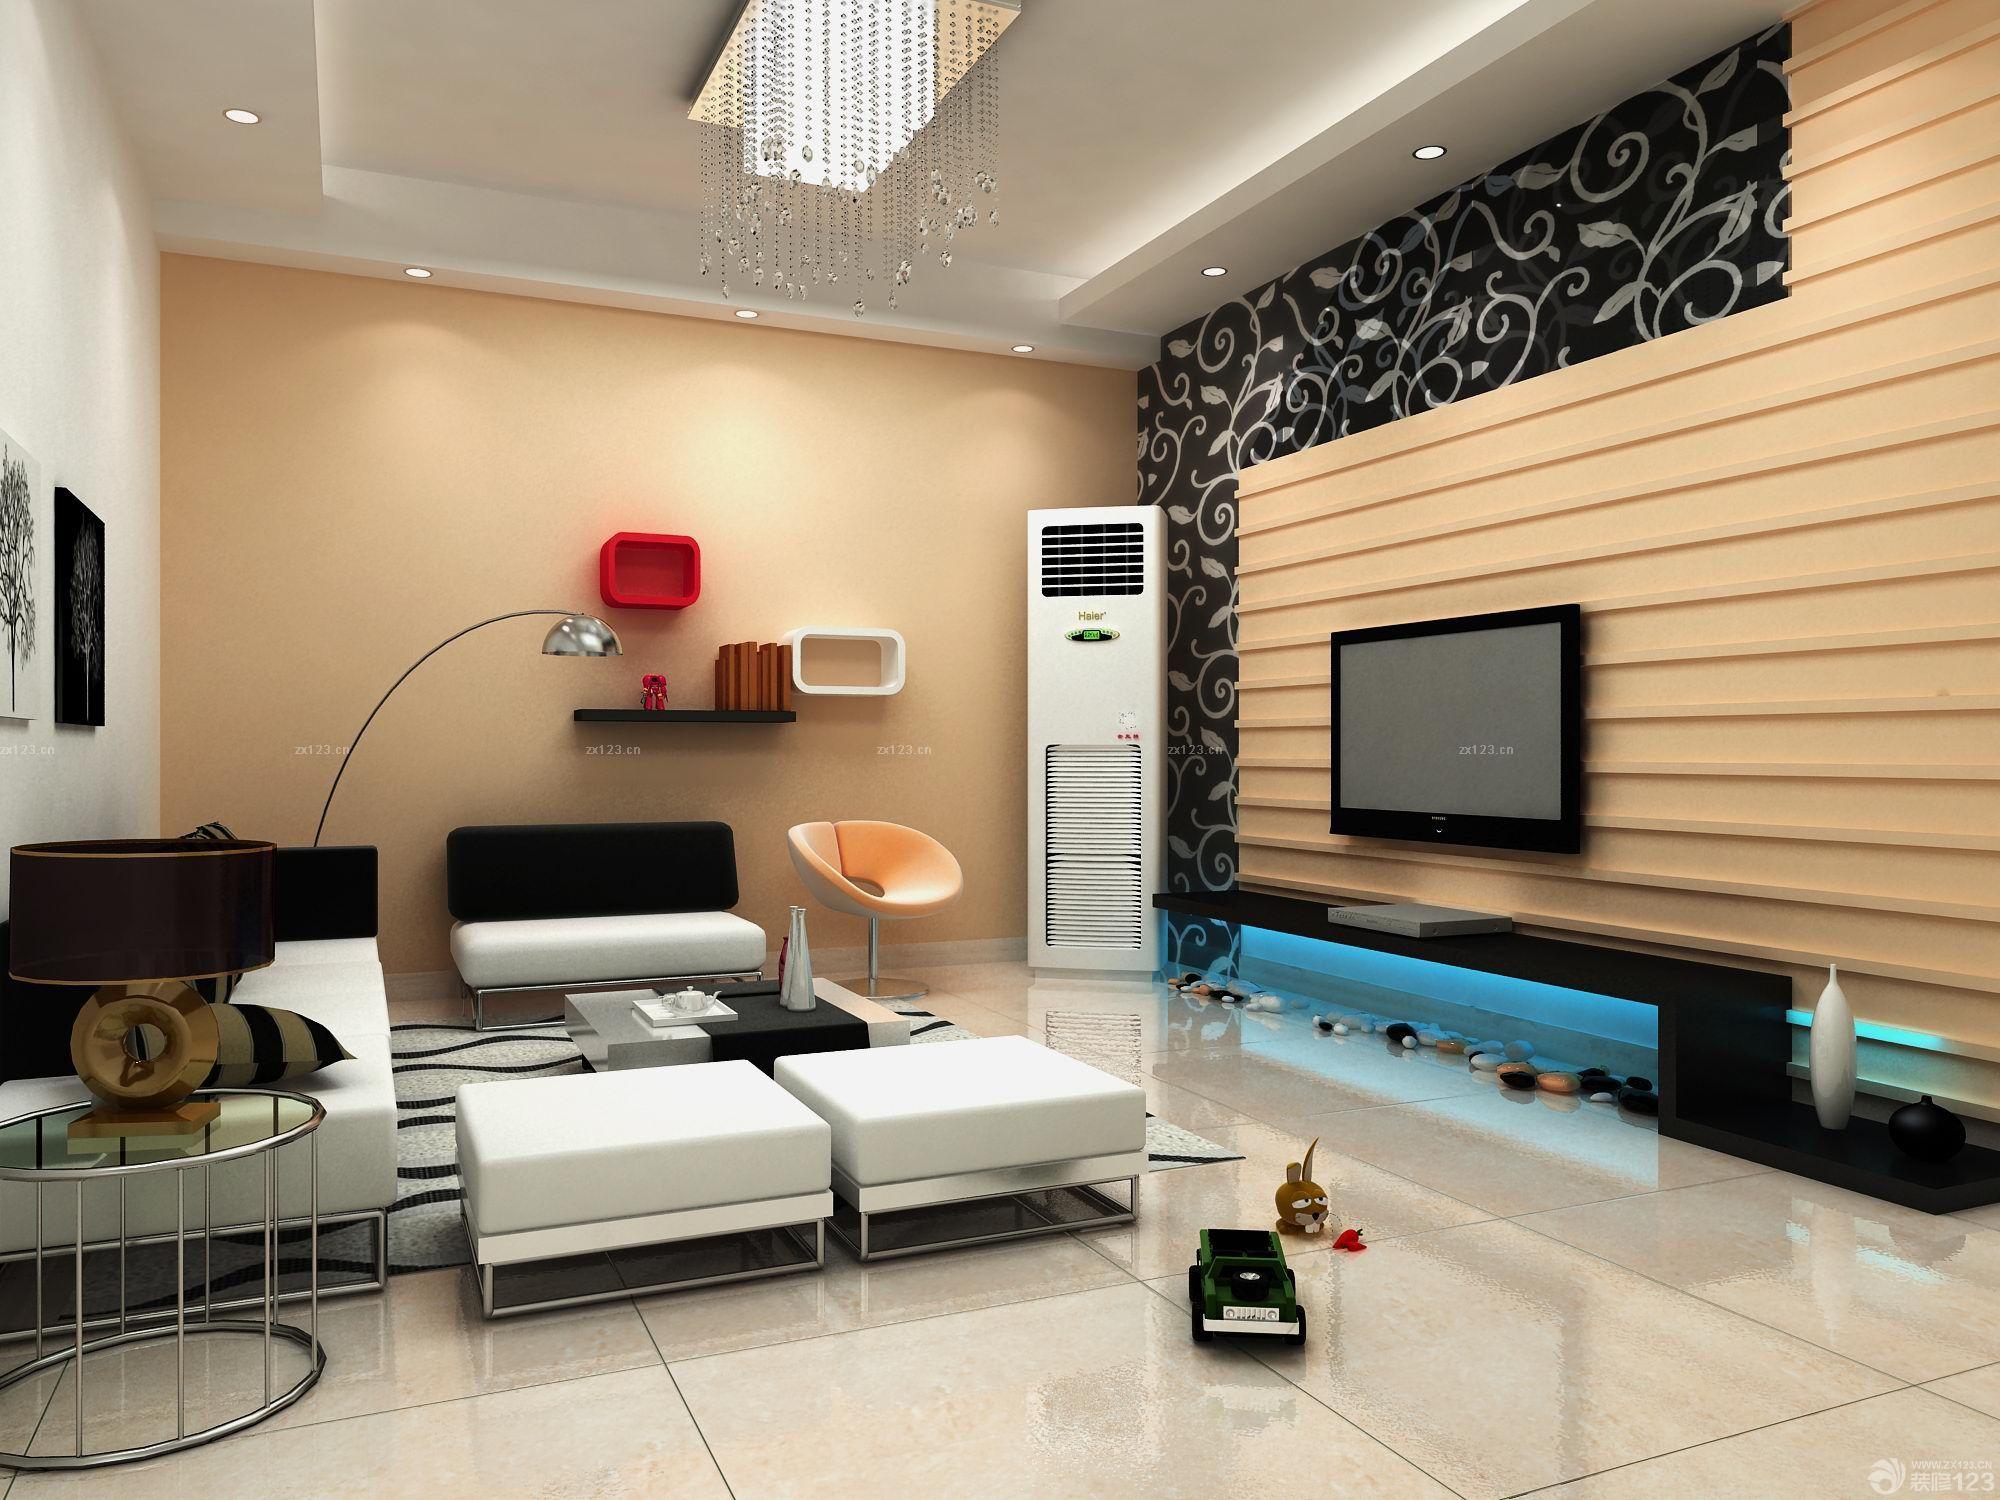 82平米老房子客厅翻新装修图片设计